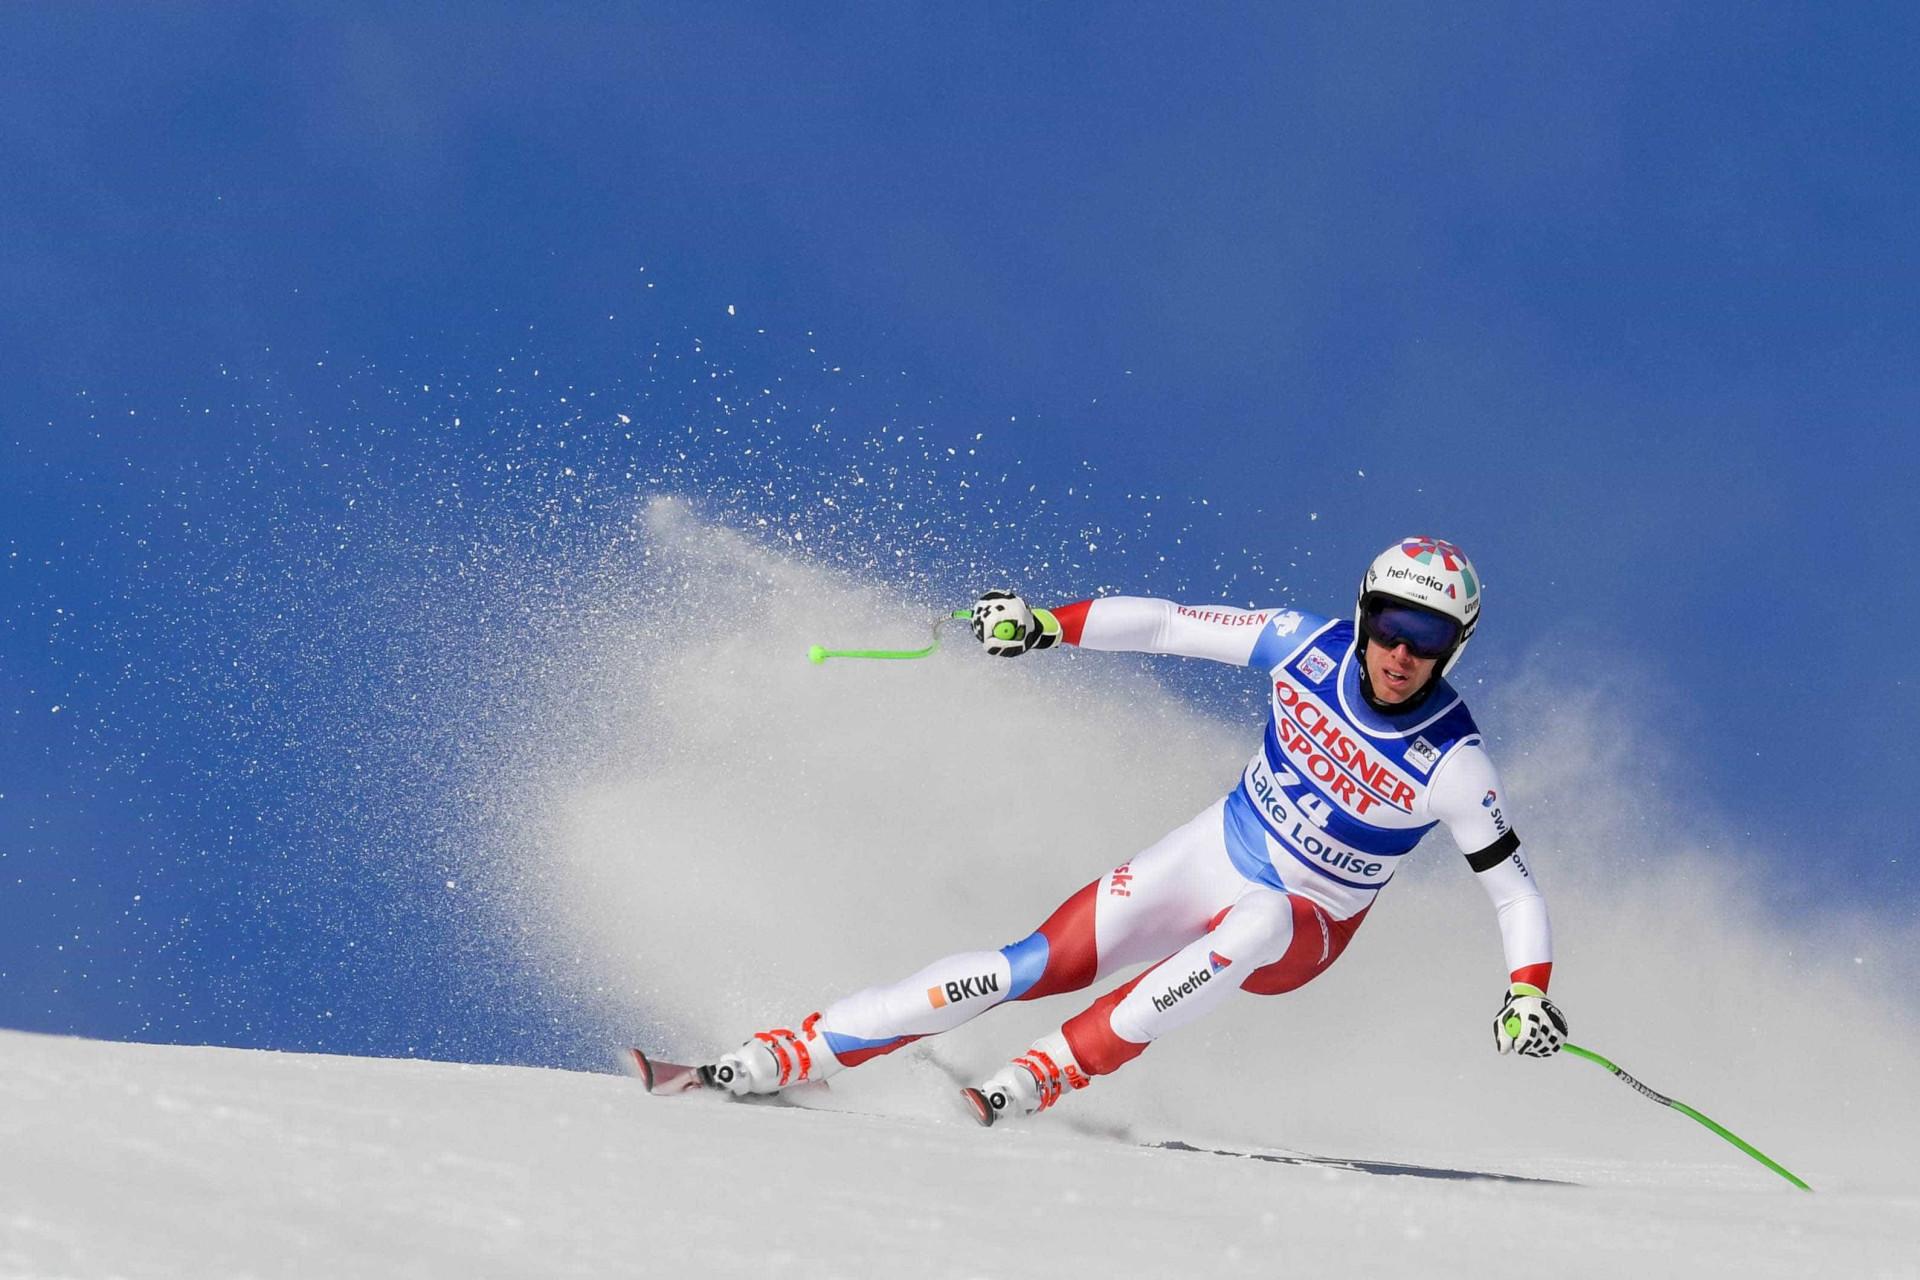 Esquiador sofre múltiplas lesões após acidente no Mundial; vídeo